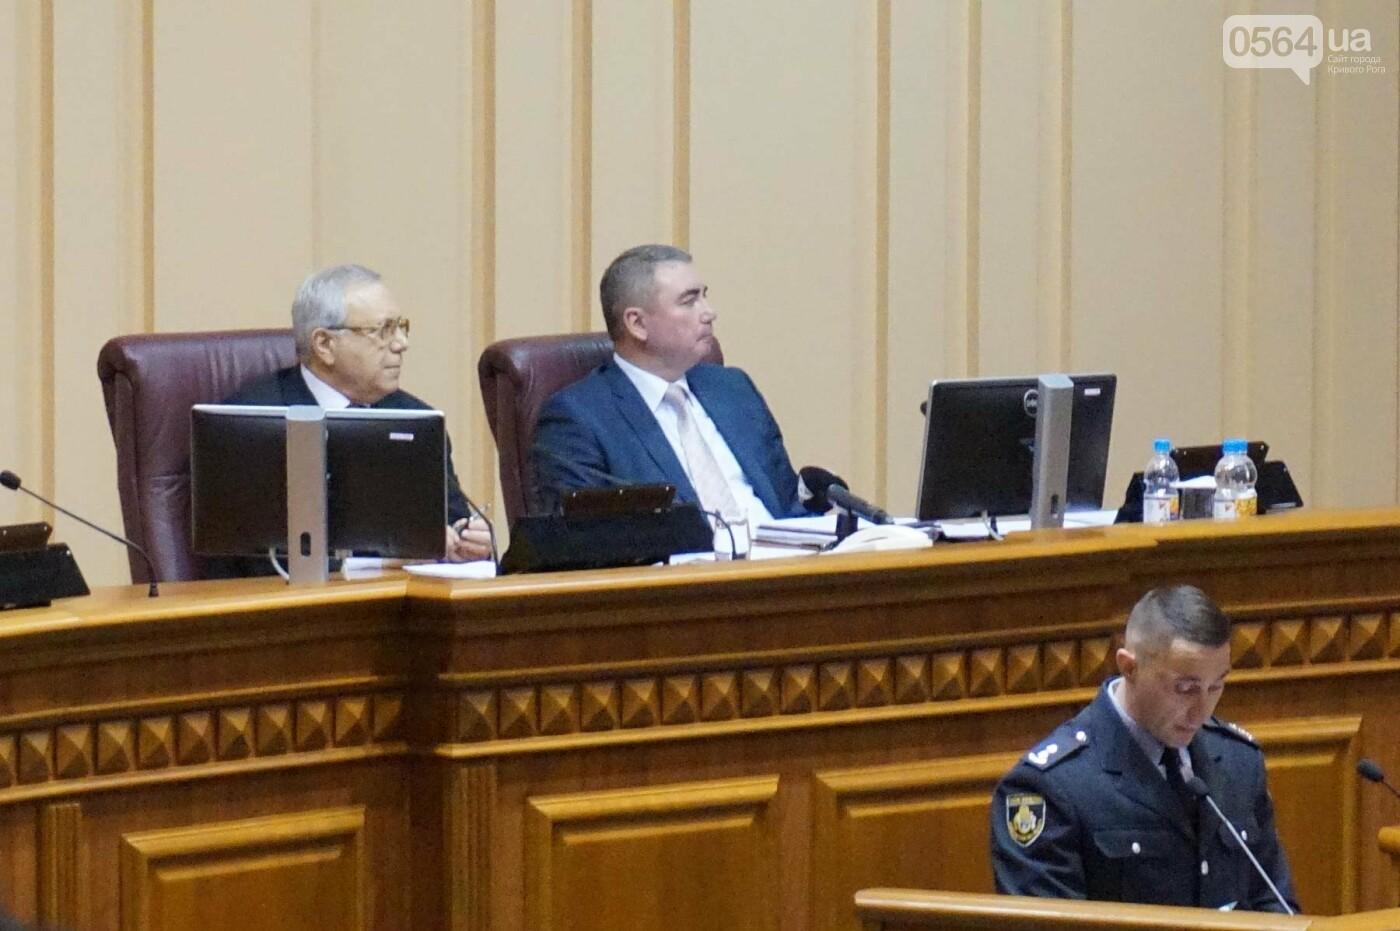 Начальник полиции отчитался перед депутатами о криминогенной ситуации в Кривом Роге (ФОТО), фото-9